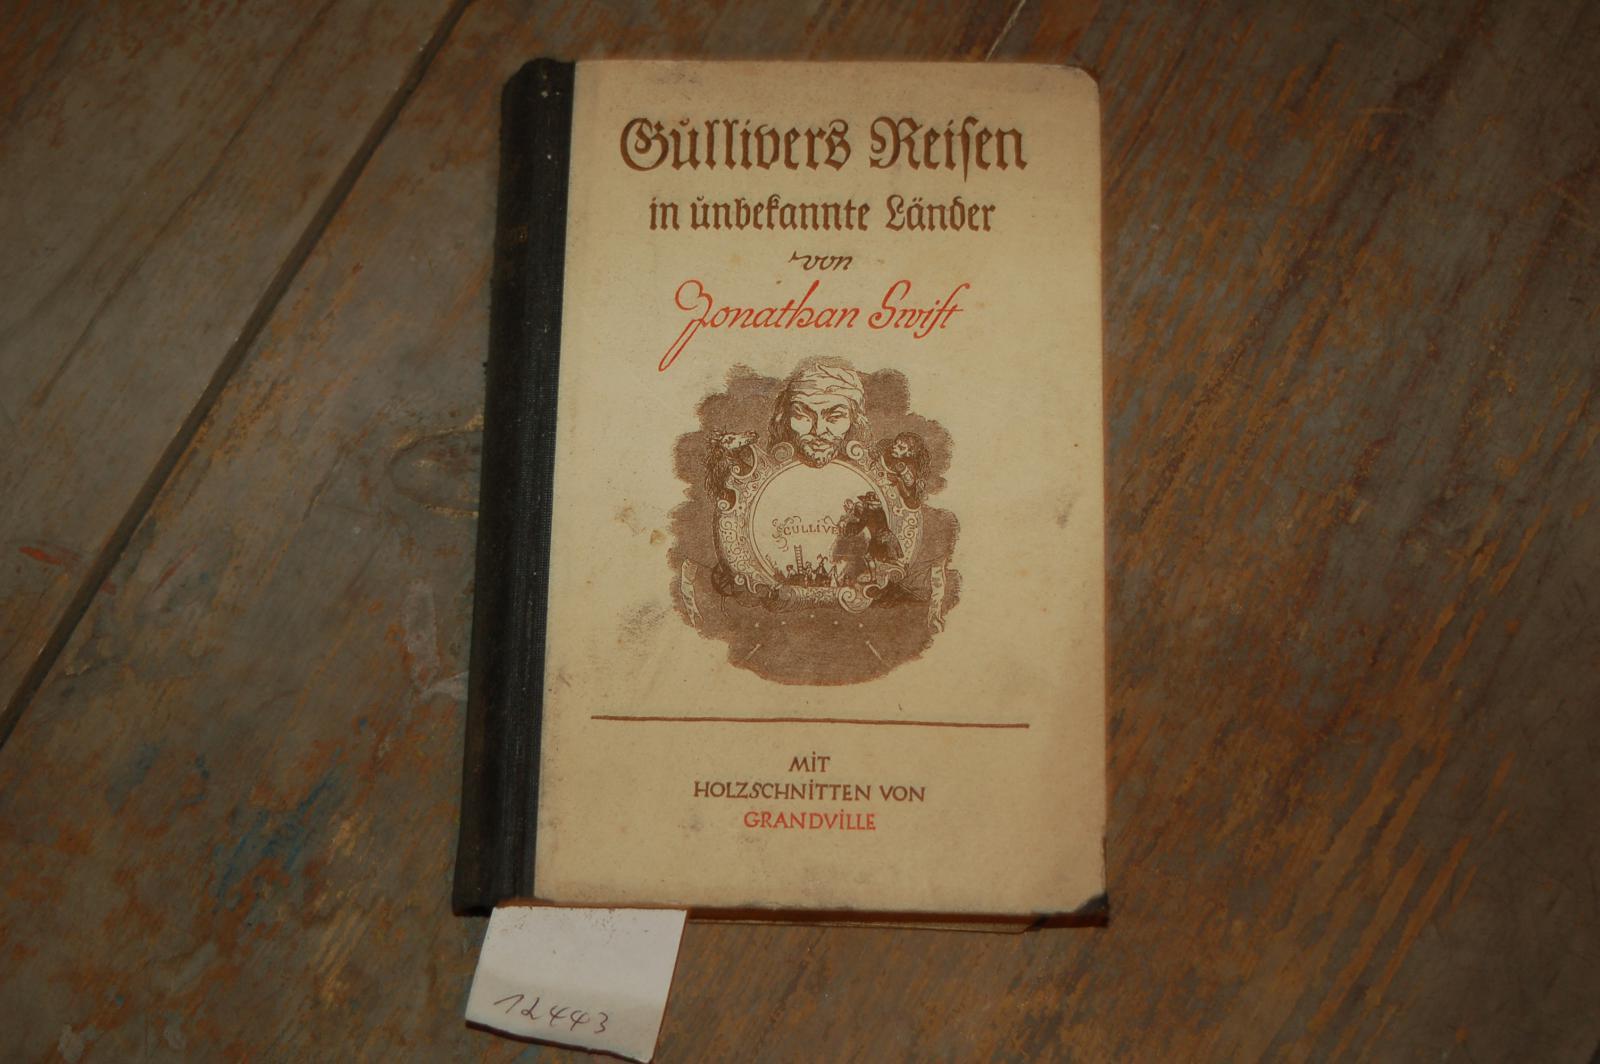 Gullivers Reisen in unbekannte Länder: Swift